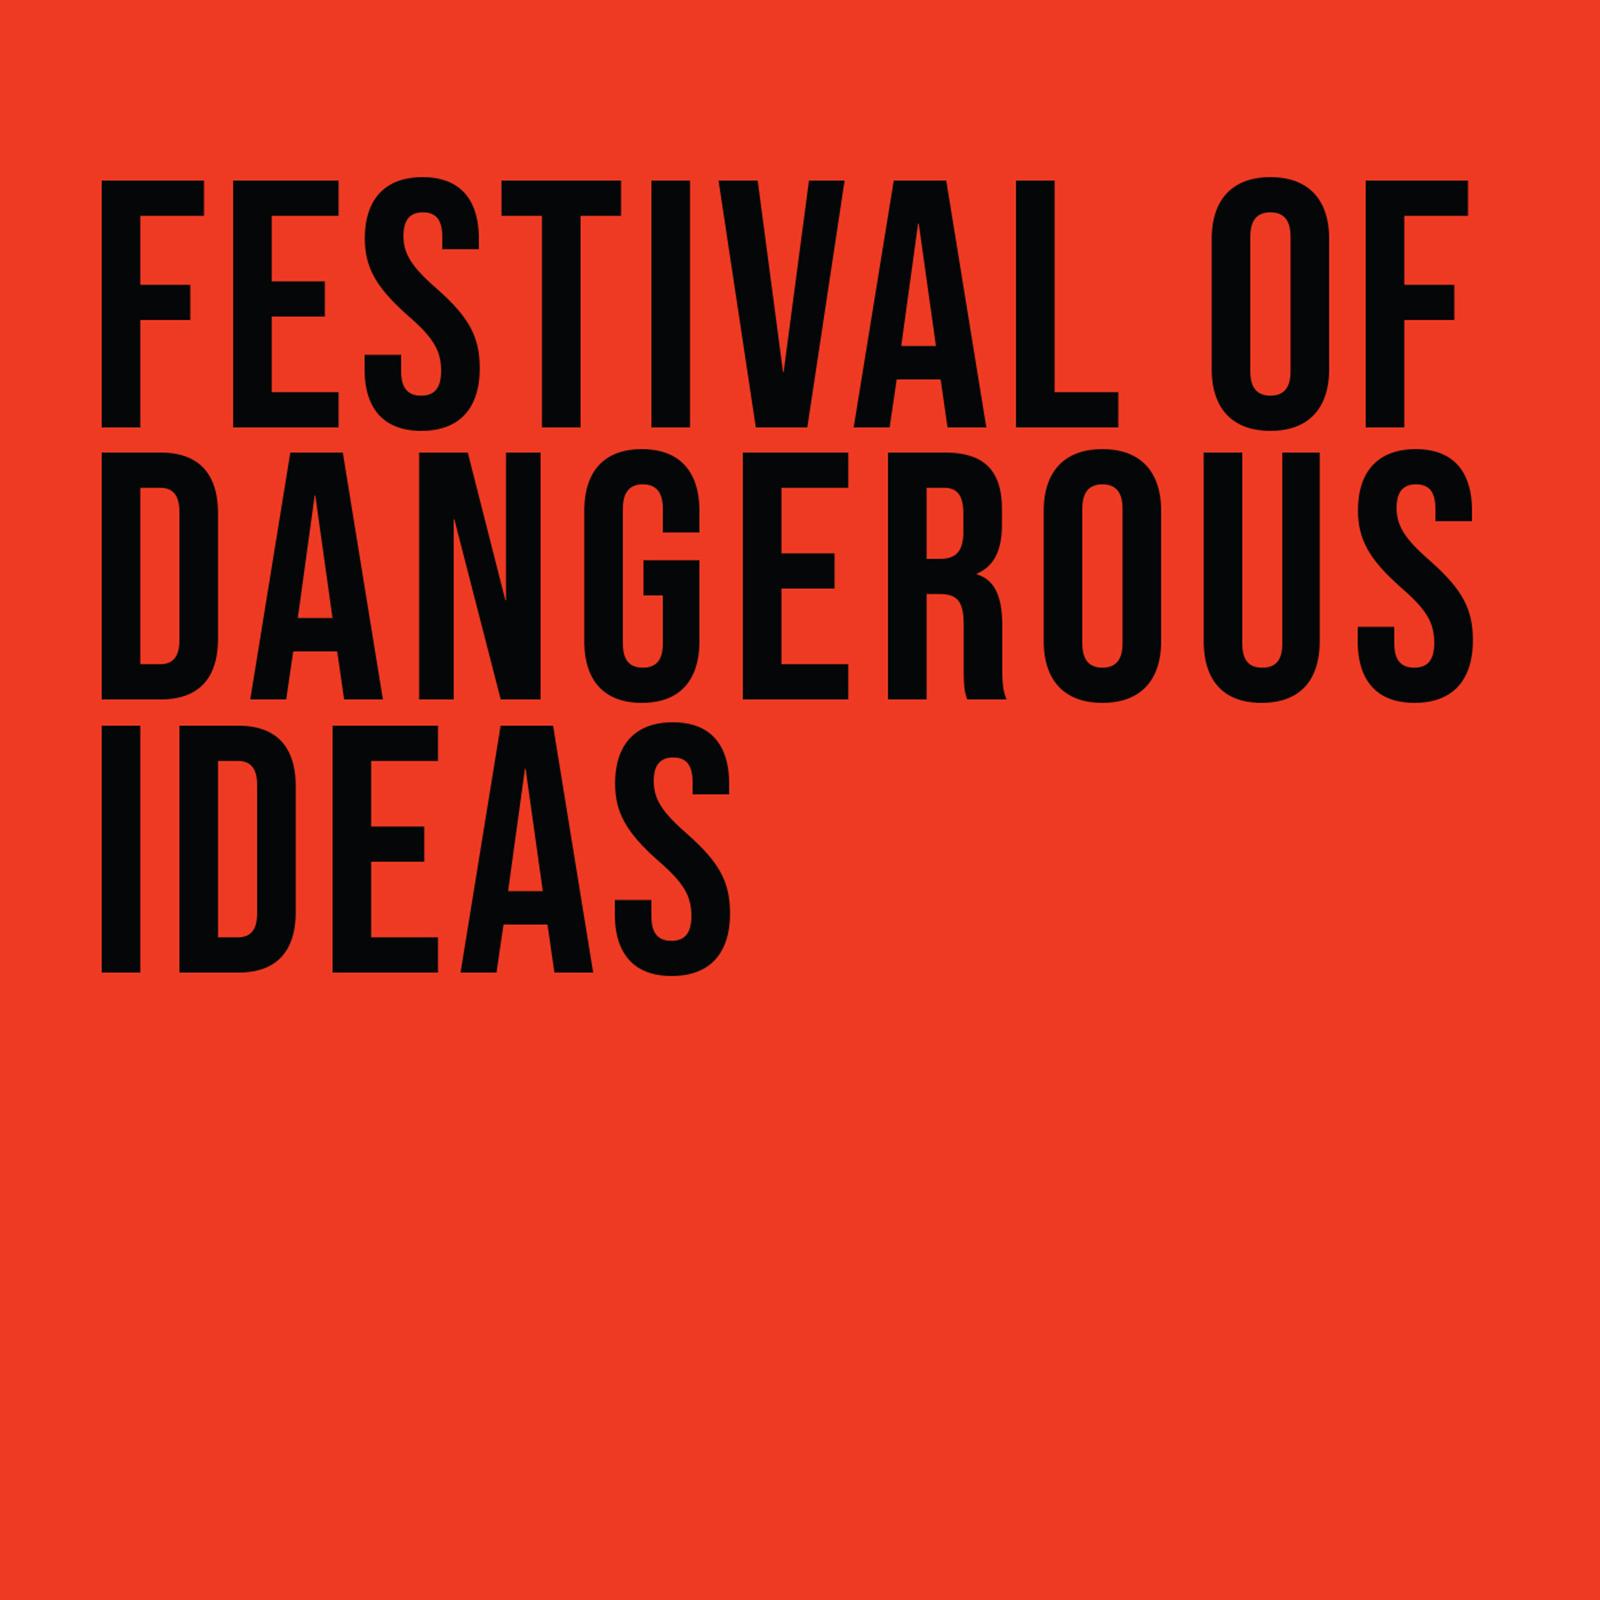 Festival of Dangerous Ideas show image